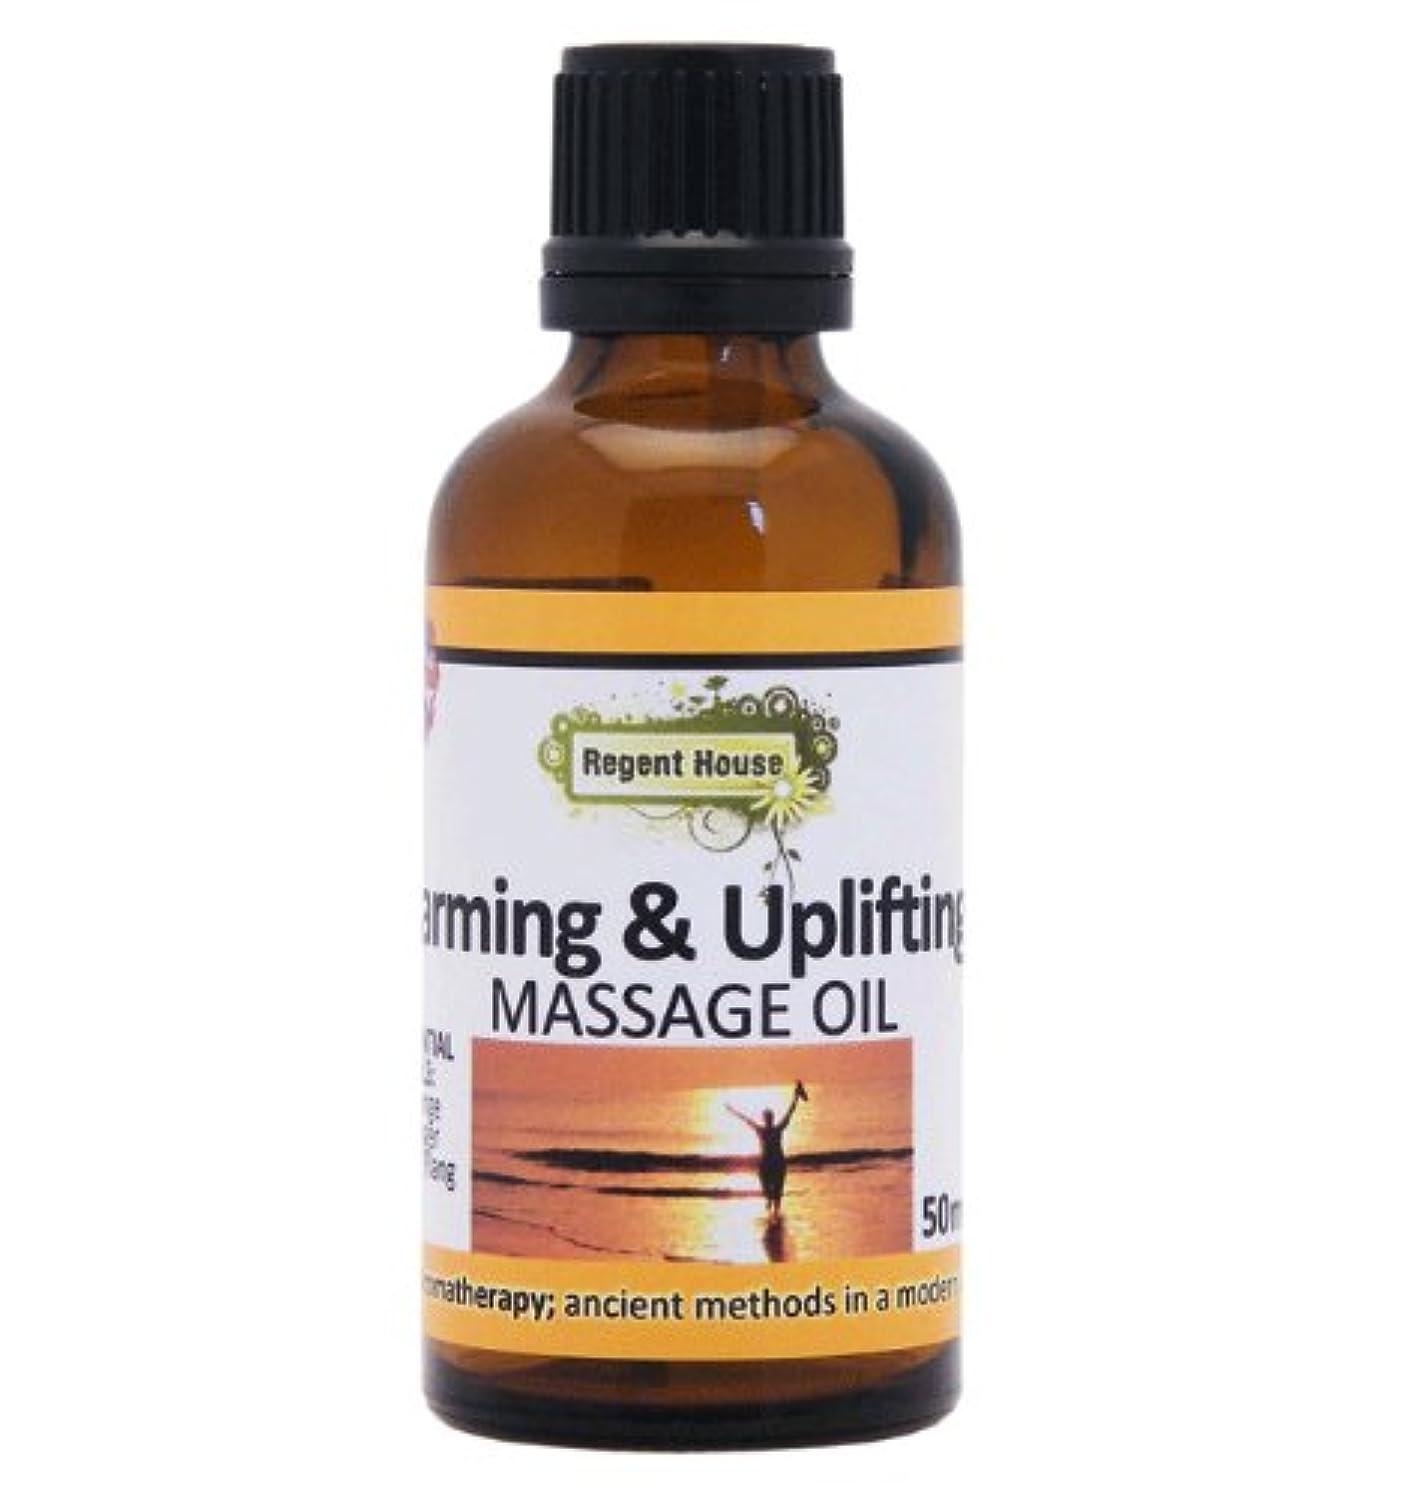 シンプトンアルファベット合理化イタリア産の天然オレンジ精油を、たっぷり配合。 アロマ ナチュラル マッサージオイル 50ml ウォーミング&アップリフティング(Aroma Massage Oil Warming & Uplifting)